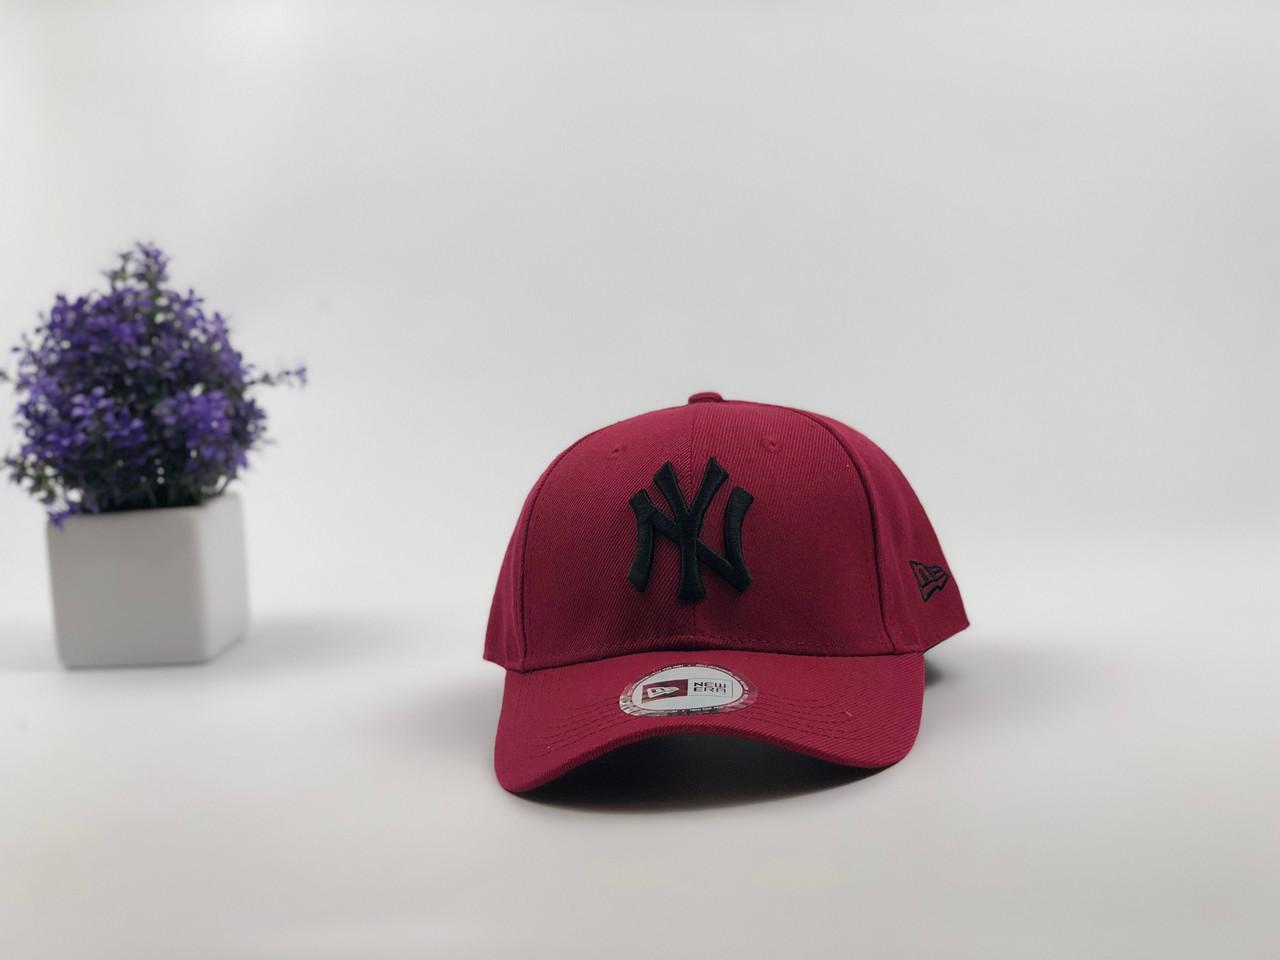 Кепка бейсболка New York Yankees с наклейками (бордовая с черным лого)